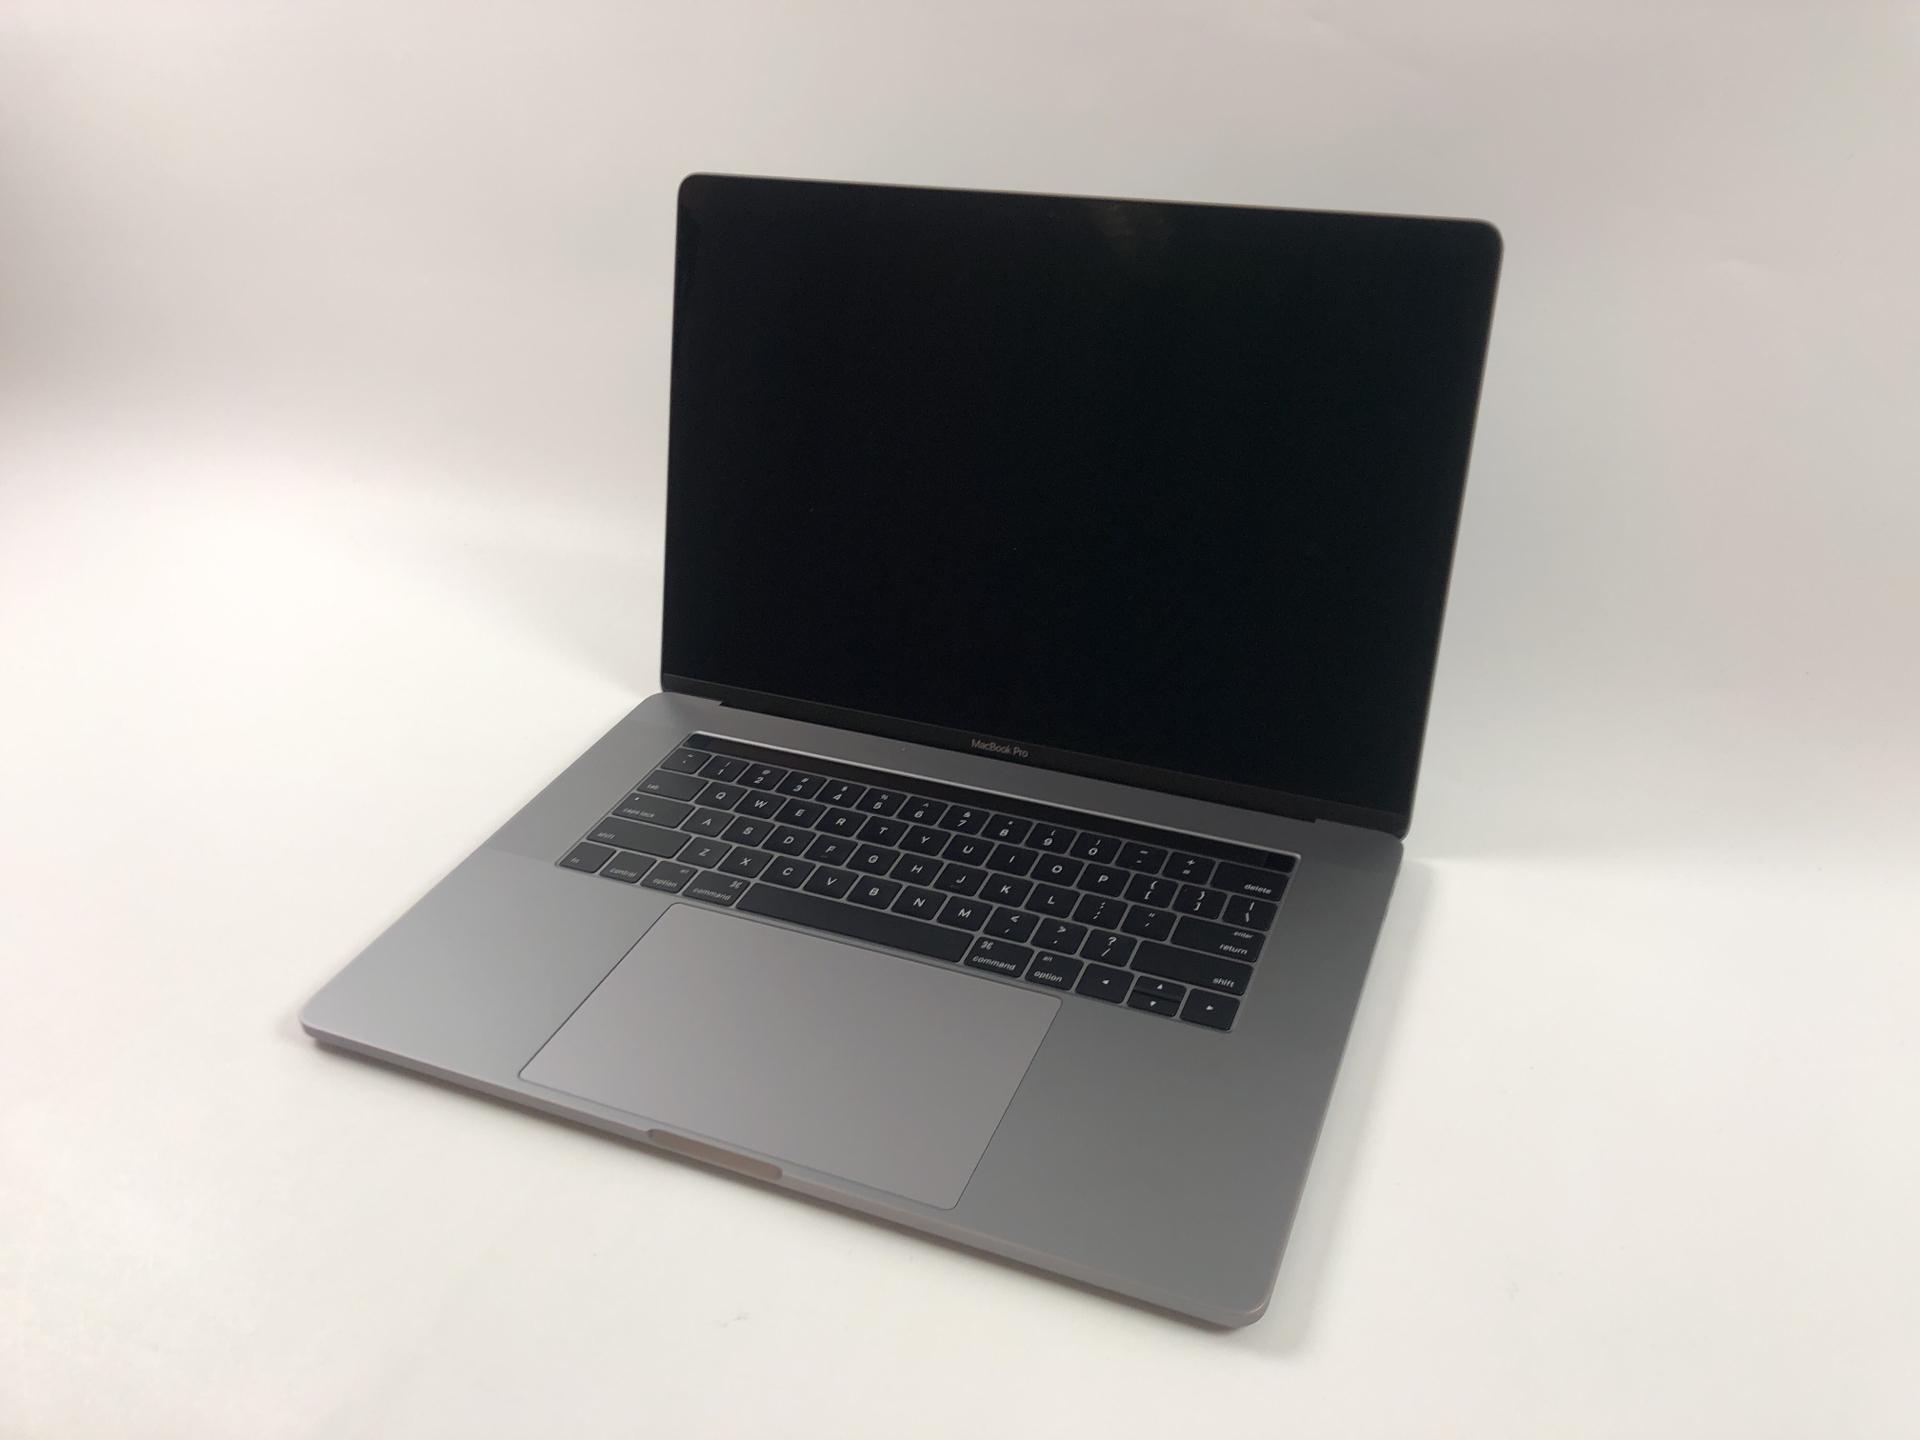 """MacBook Pro 15"""" Touch Bar Late 2016 (Intel Quad-Core i7 2.6 GHz 16 GB RAM 256 GB SSD), Space Gray, Intel Quad-Core i7 2.6 GHz, 16 GB RAM, 256 GB SSD, bild 1"""